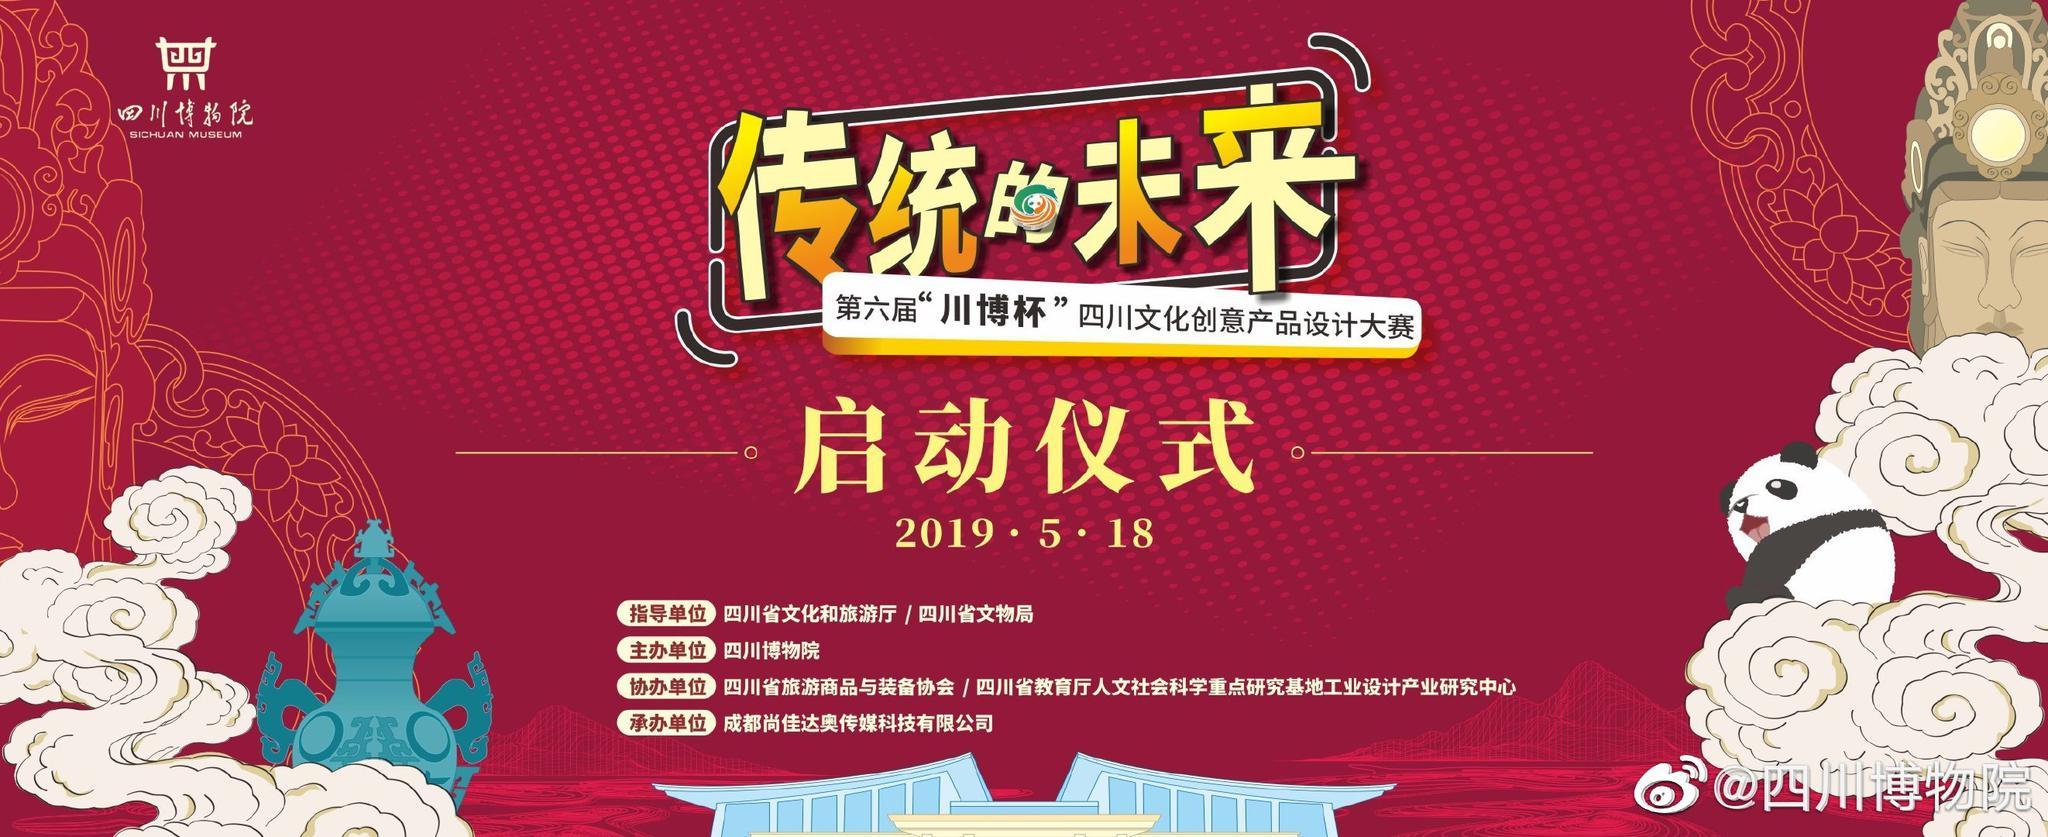 """第六届『川博杯』四川文化创意产品设计大赛""""最受大学生喜爱作品""""网"""